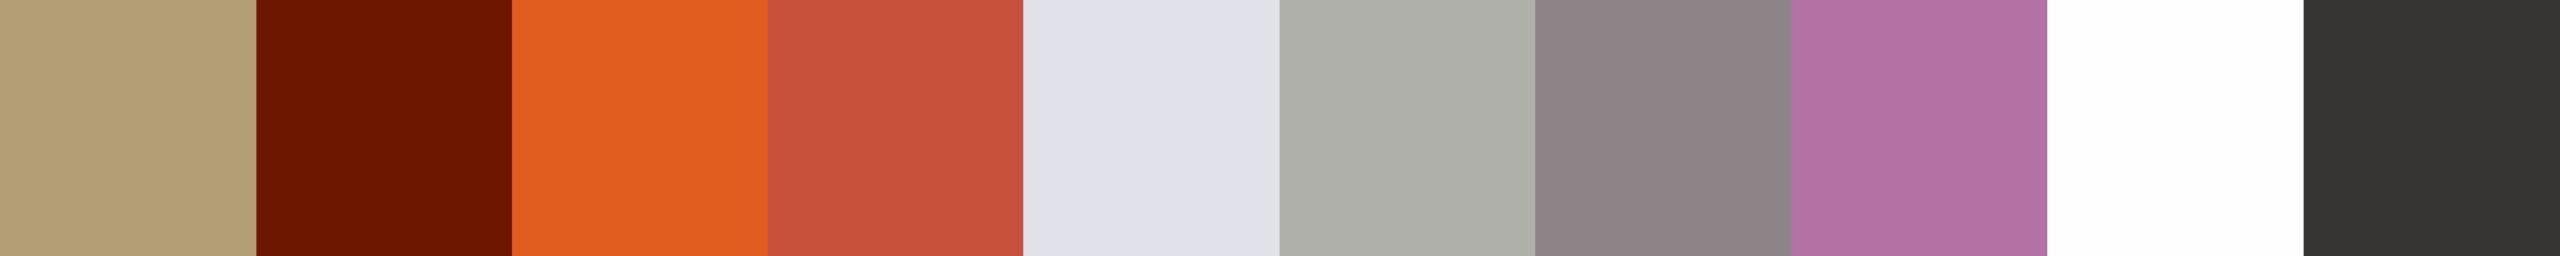 267 Ntercora Color Palette